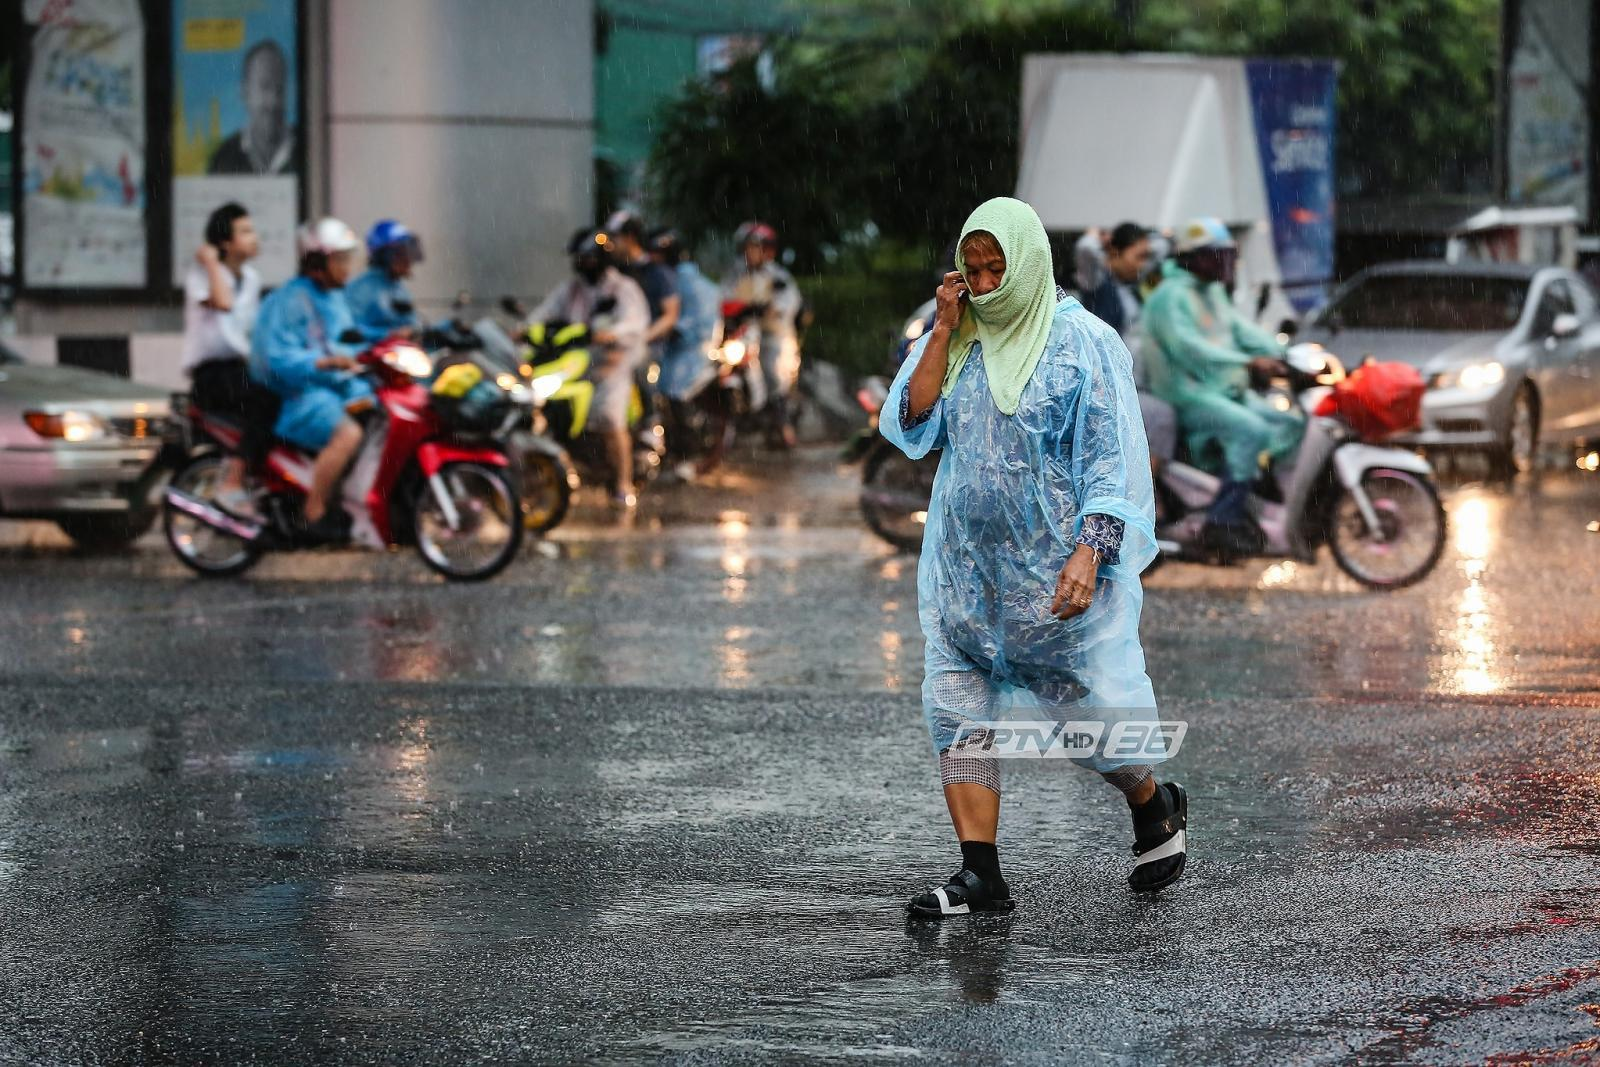 อุตุฯ เตือน กทม.-ปริมณฑลมีฝนเล็กน้อย